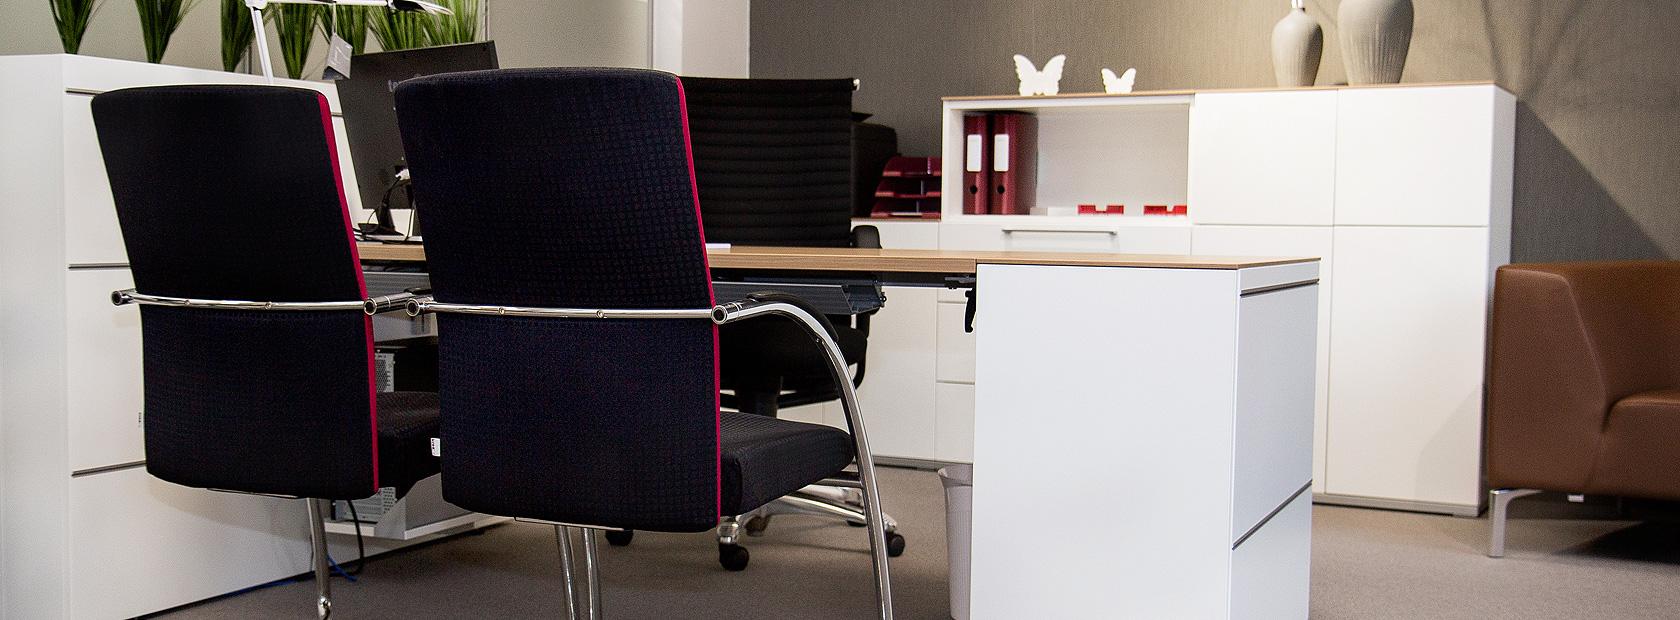 Fachgeschäft für Schreibwaren und Bürobedarf in Walsrode